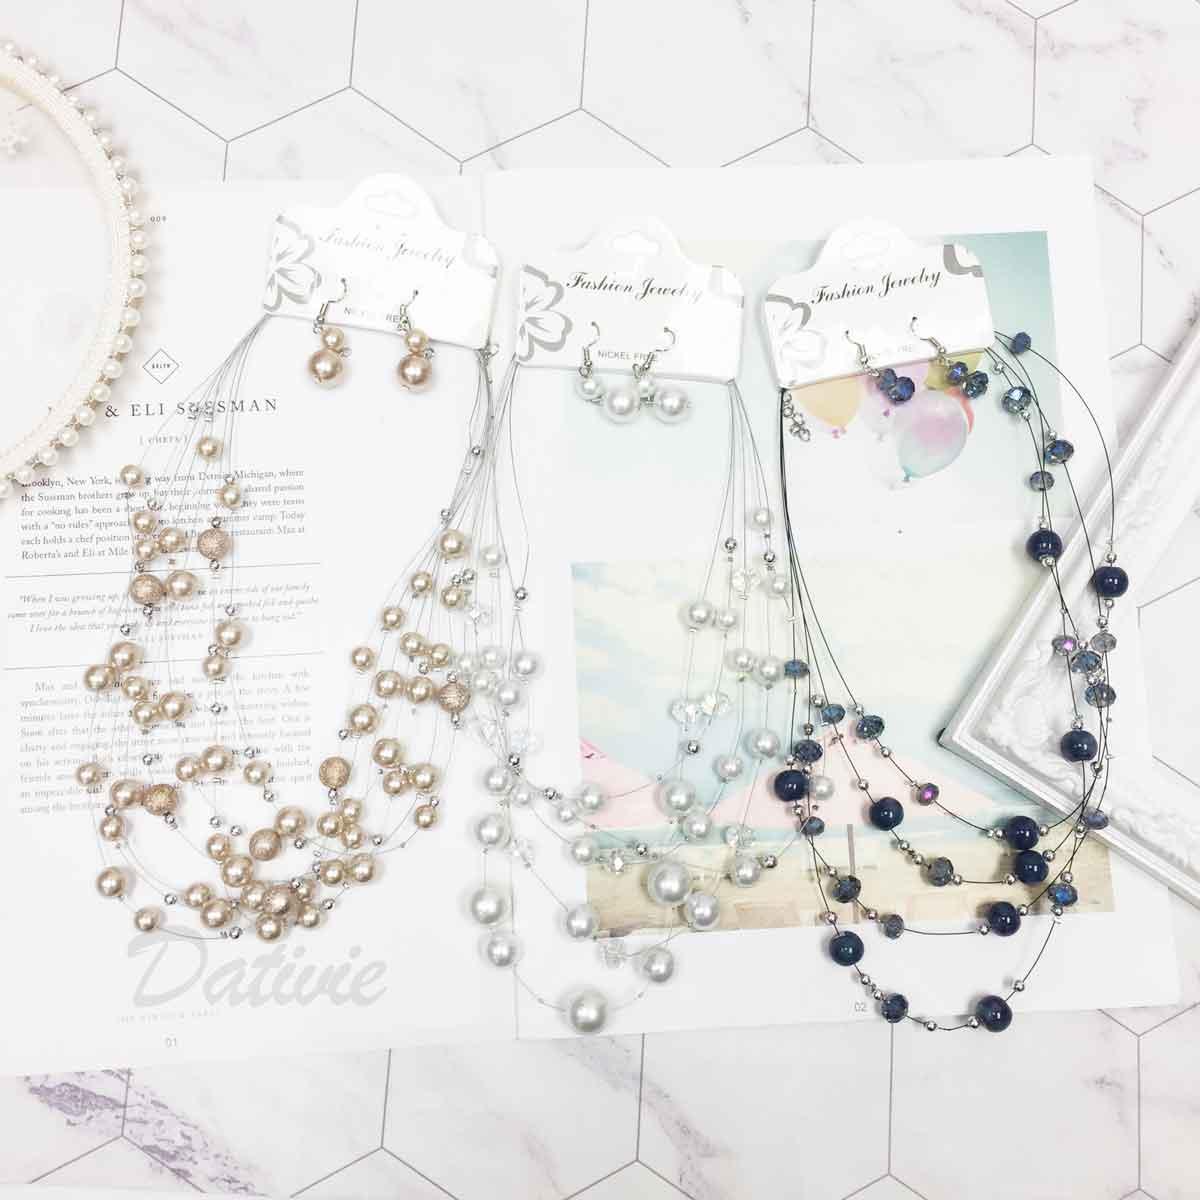 珍珠 小銀珠 透色水晶 多圈 垂墜感耳勾式耳環 項鍊耳環套組